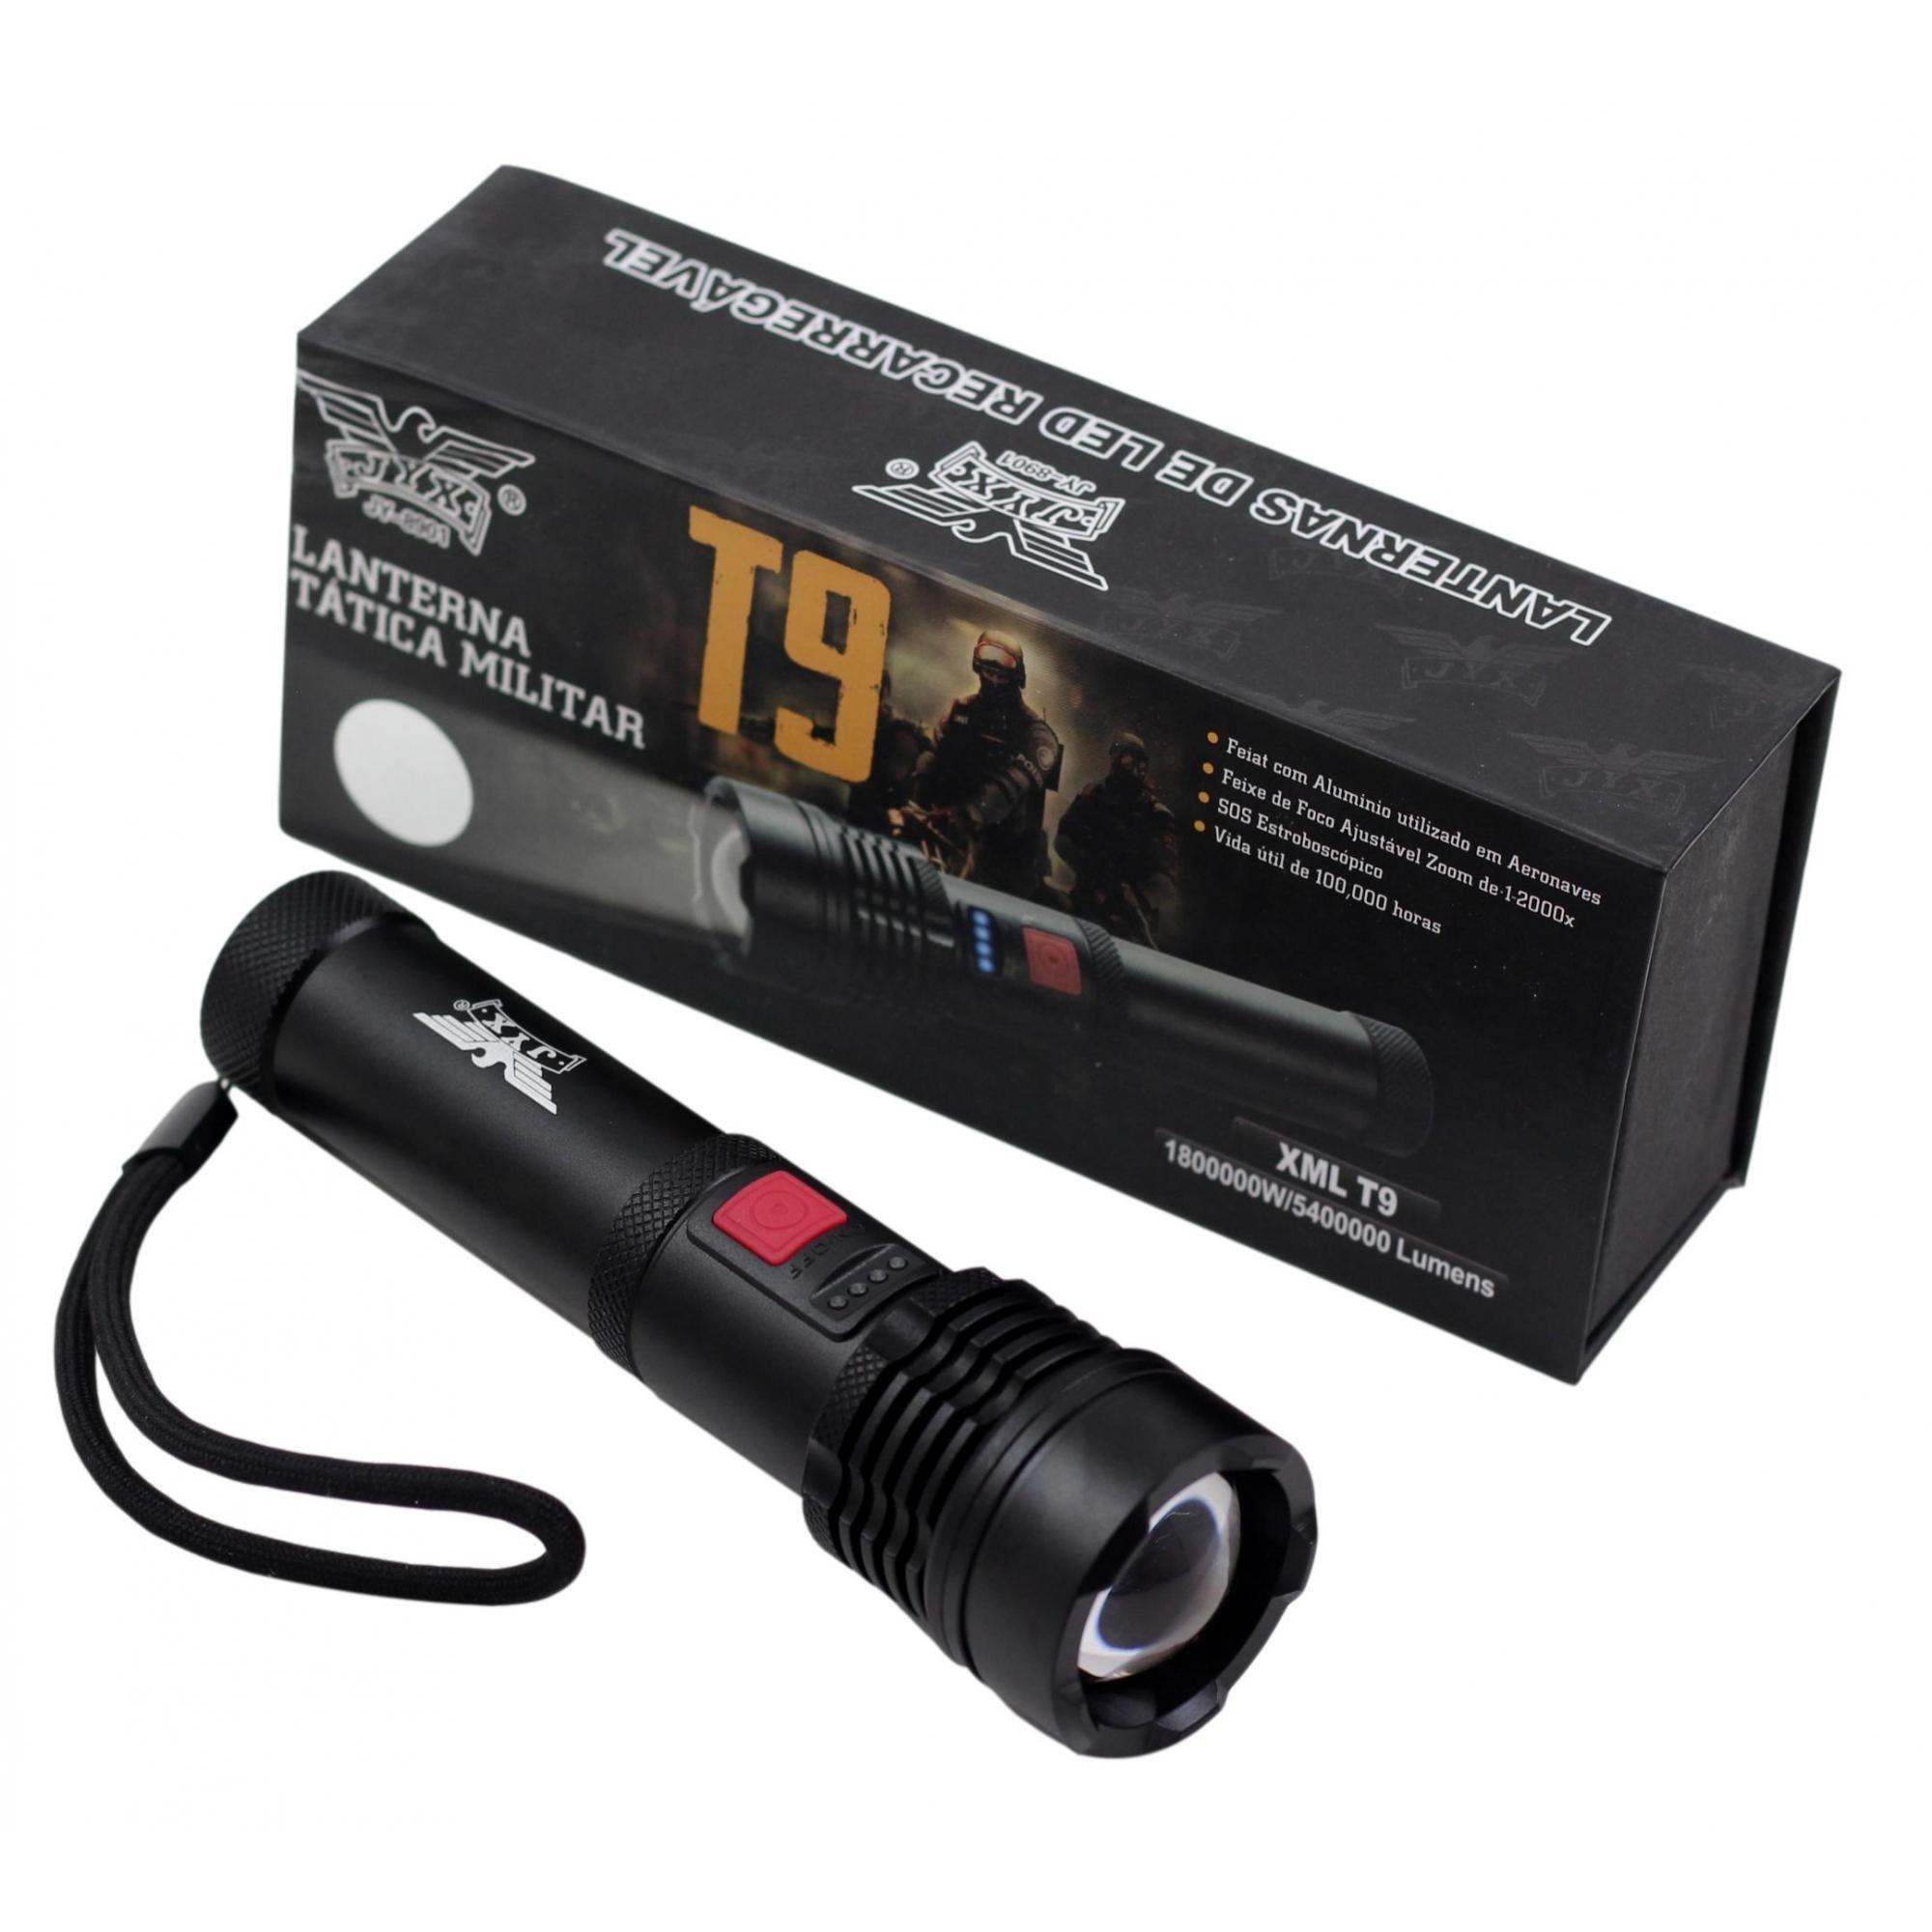 Lanterna Tática Farol JWS JY-8901 com Super Led Cree T9 Bateria Recarregável 1200 lumens